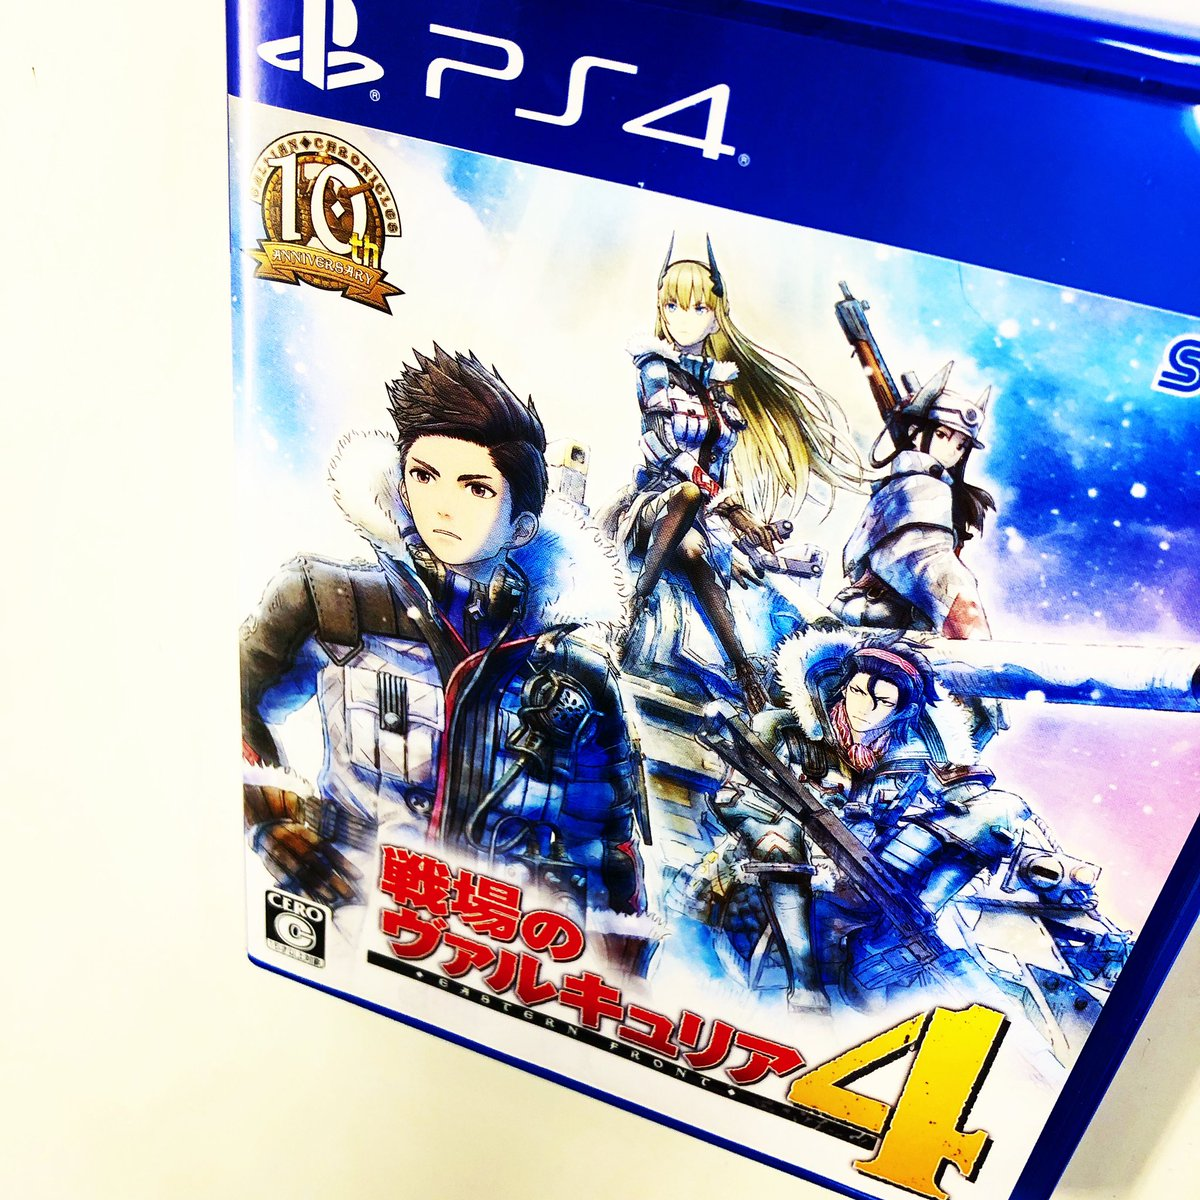 test ツイッターメディア - 入荷案内です。 PS4ソフトです。  「戦場のヴァルキュリア4」が 入りました。  PS4のコーナーにあります。  #テレビゲーム #videogame #nintendo #任天堂 #ソニー #Sony #SEGA #セガ #Sapporo #札幌 #Hokkaido #北海道 #漫画林 #mangarin #PS4 #戦場のヴァルキュリア #戦場のヴァルキュリア4 https://t.co/J8jLe1ejmL